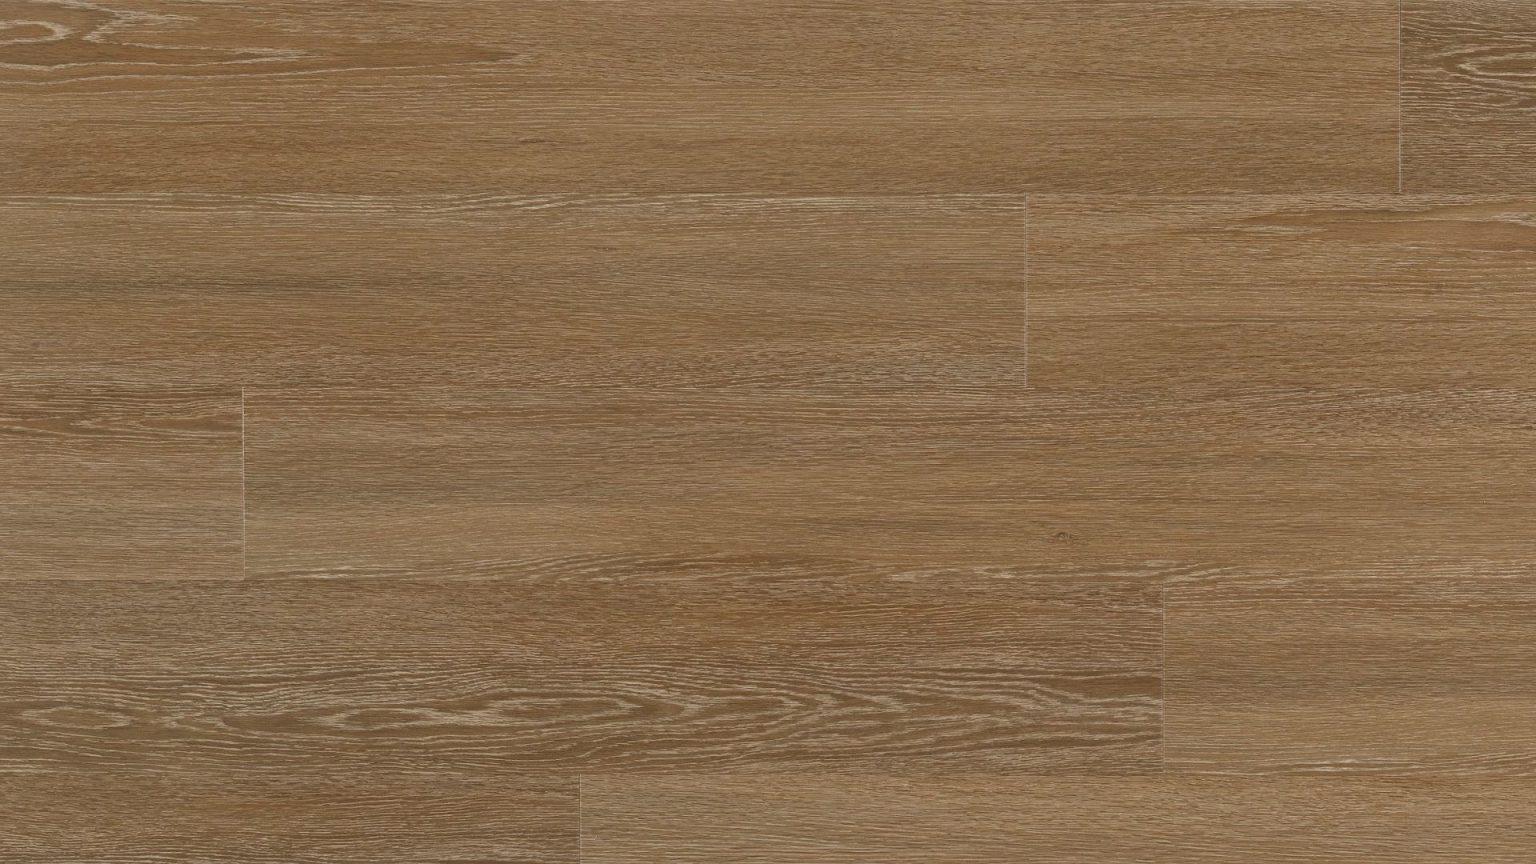 Calgary 50 LVRE 132 / COREtec® authentics wood